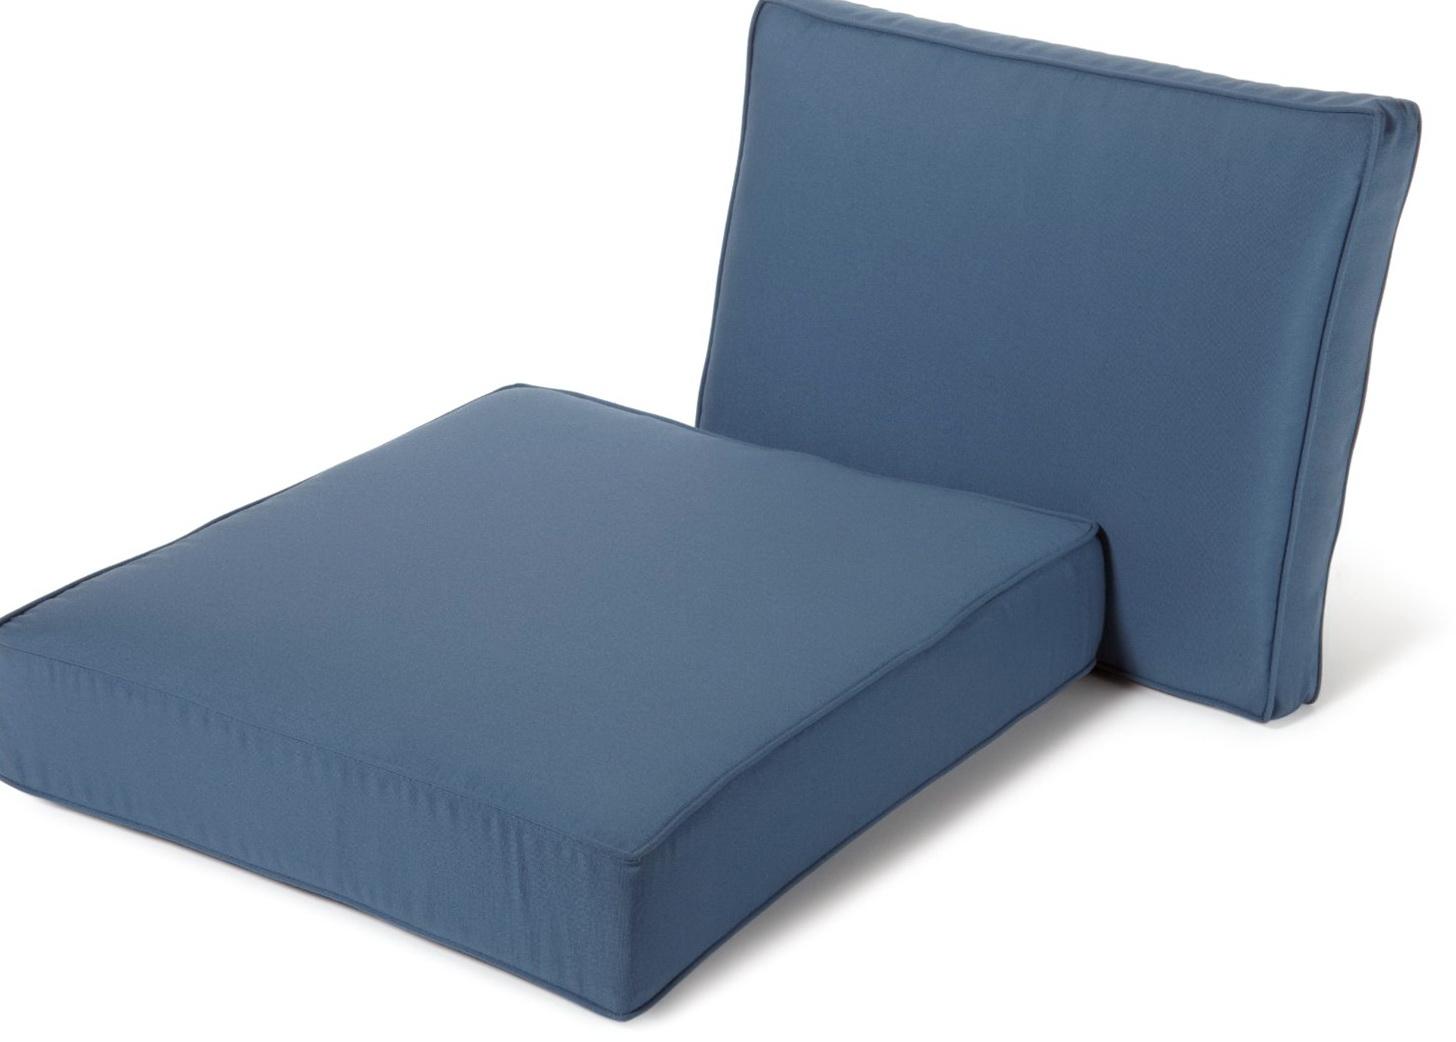 Deep Seat Cushion Slipcovers